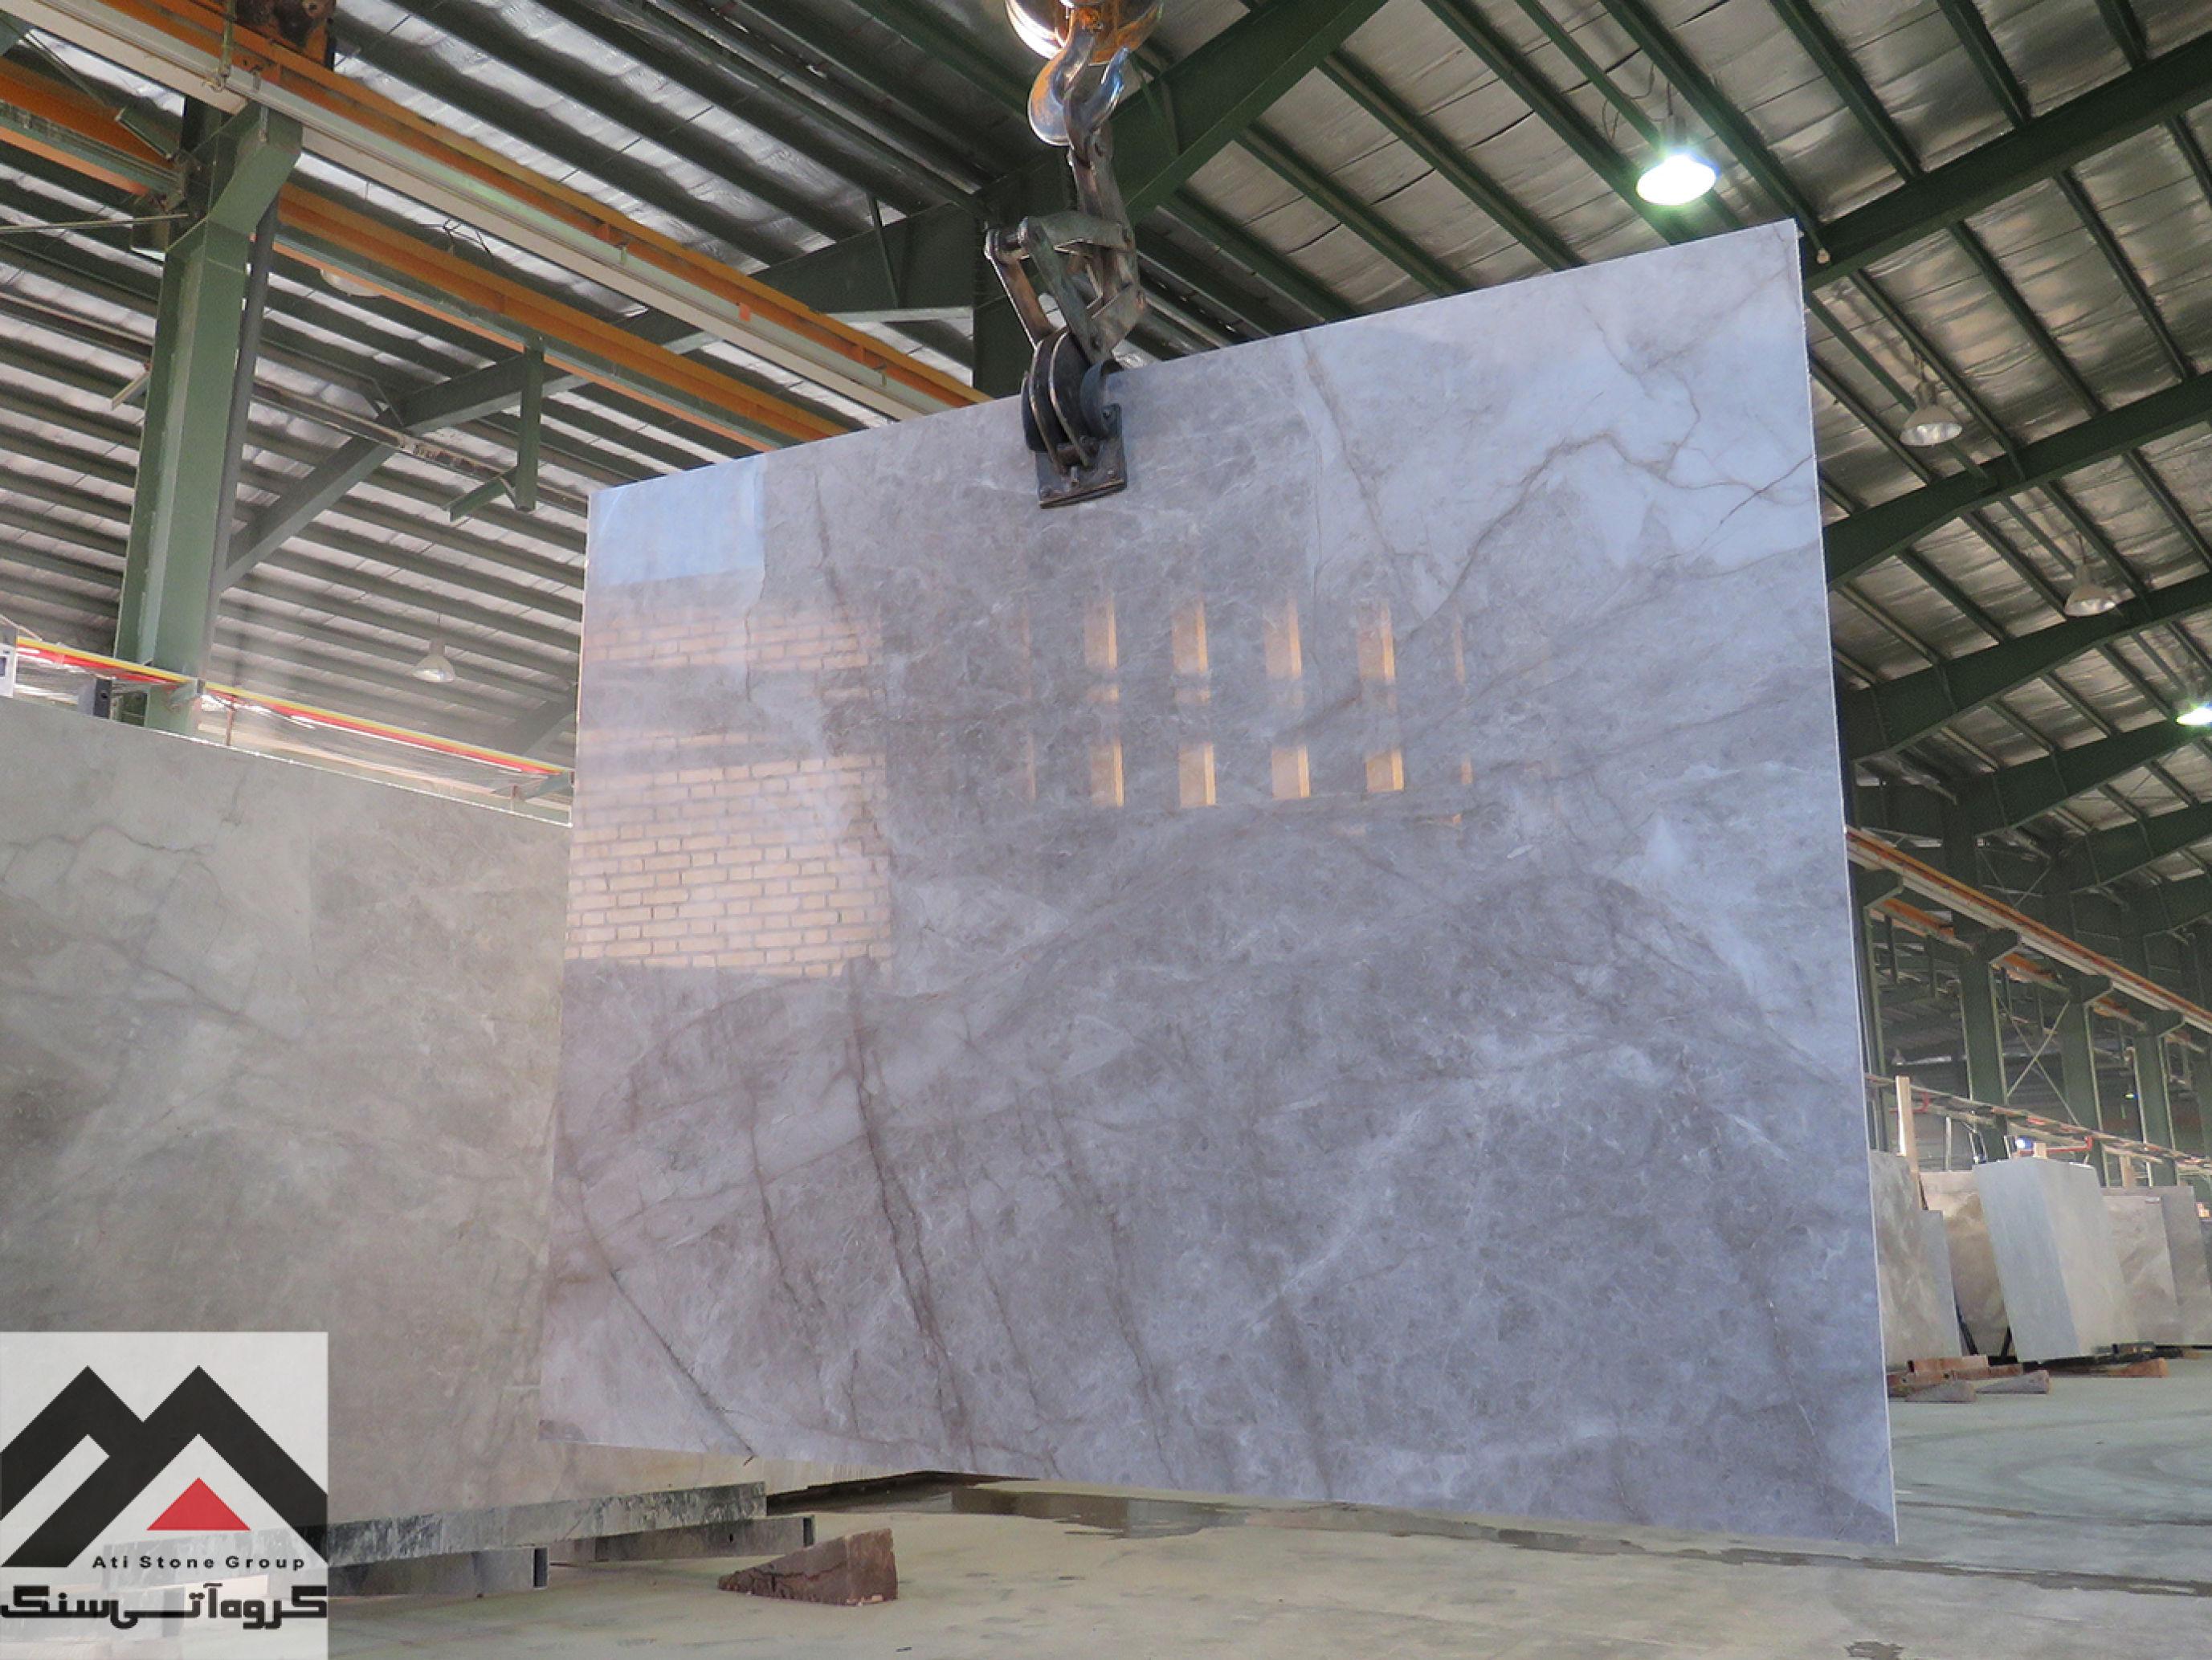 مرمریت بیات, سنگ اسلب, سنگ تایل, سنگ نمای ساختمان, سنگ مرمریت ارزان, سنگ ساختمانی ارزان, خرید سنگ ساختمانی, سنگ پله